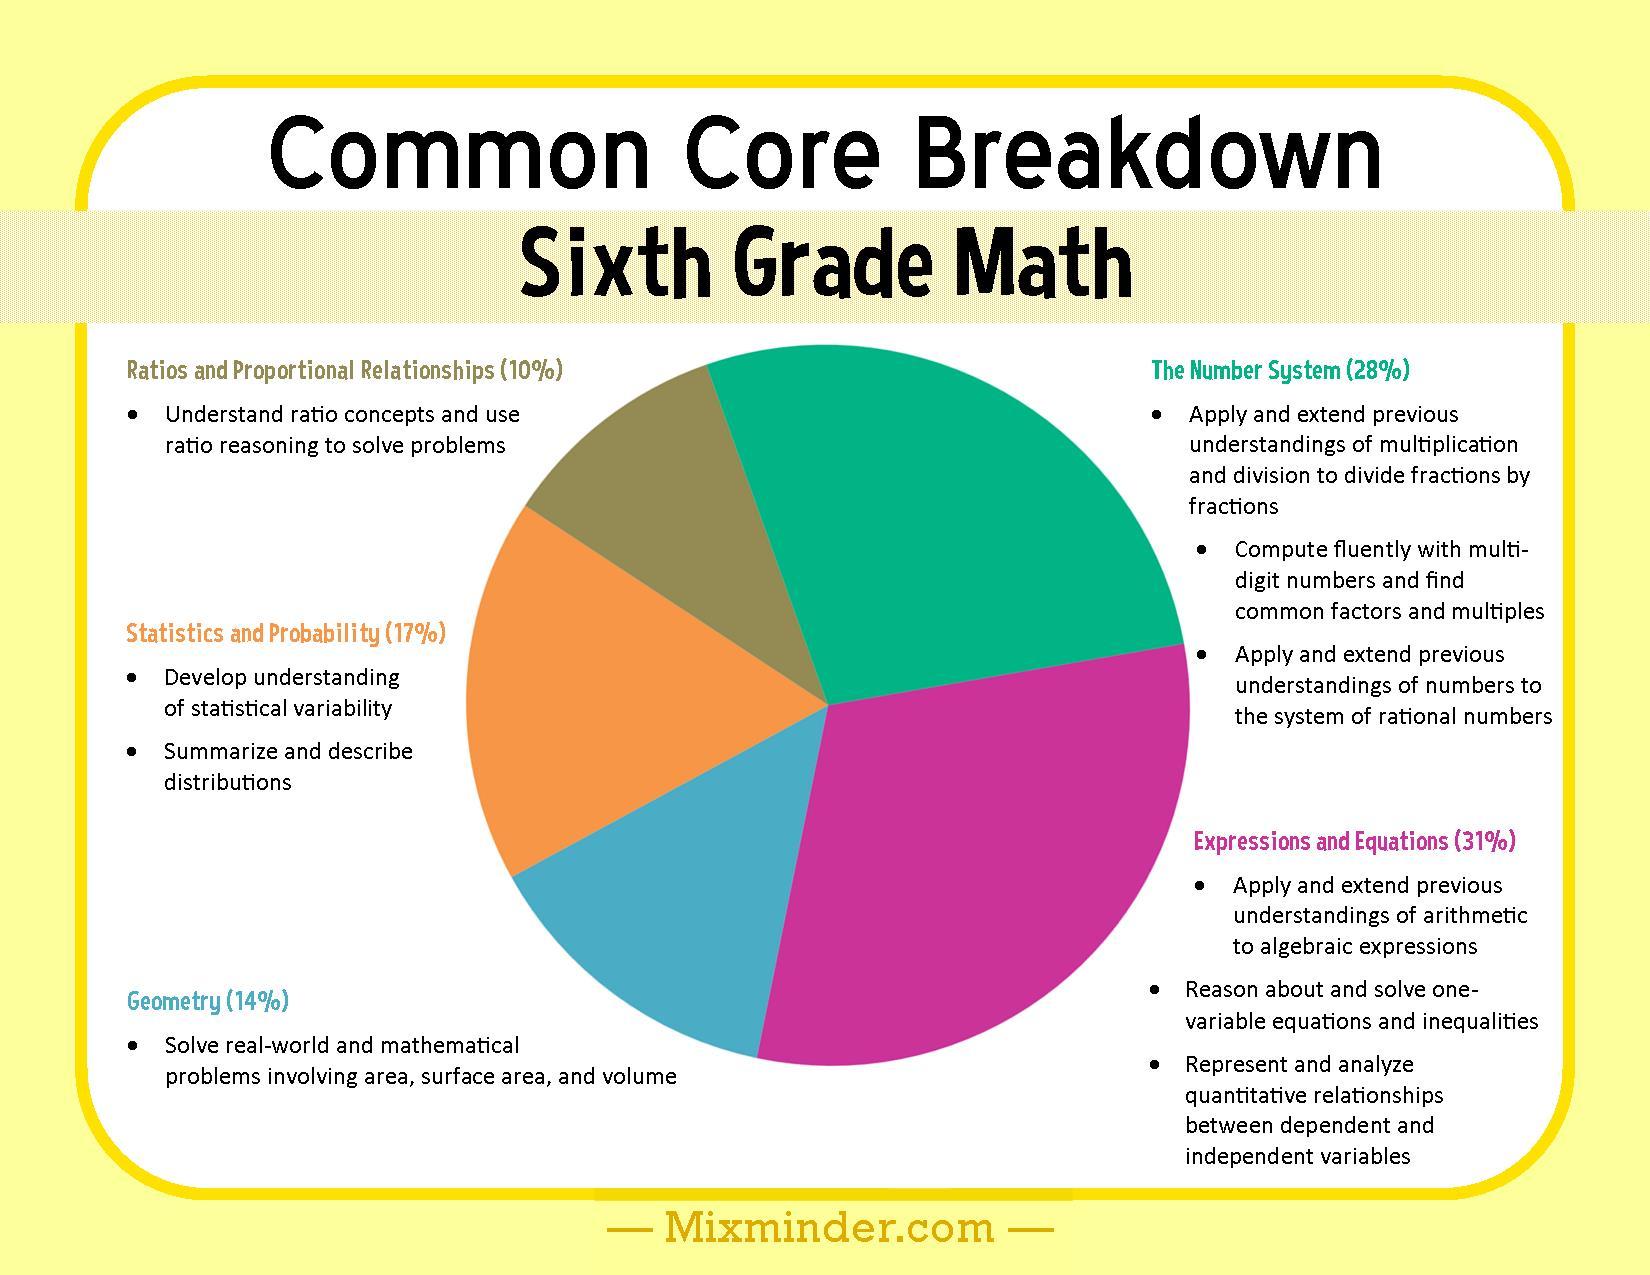 Sixth Grade Math Common Core Breakdown